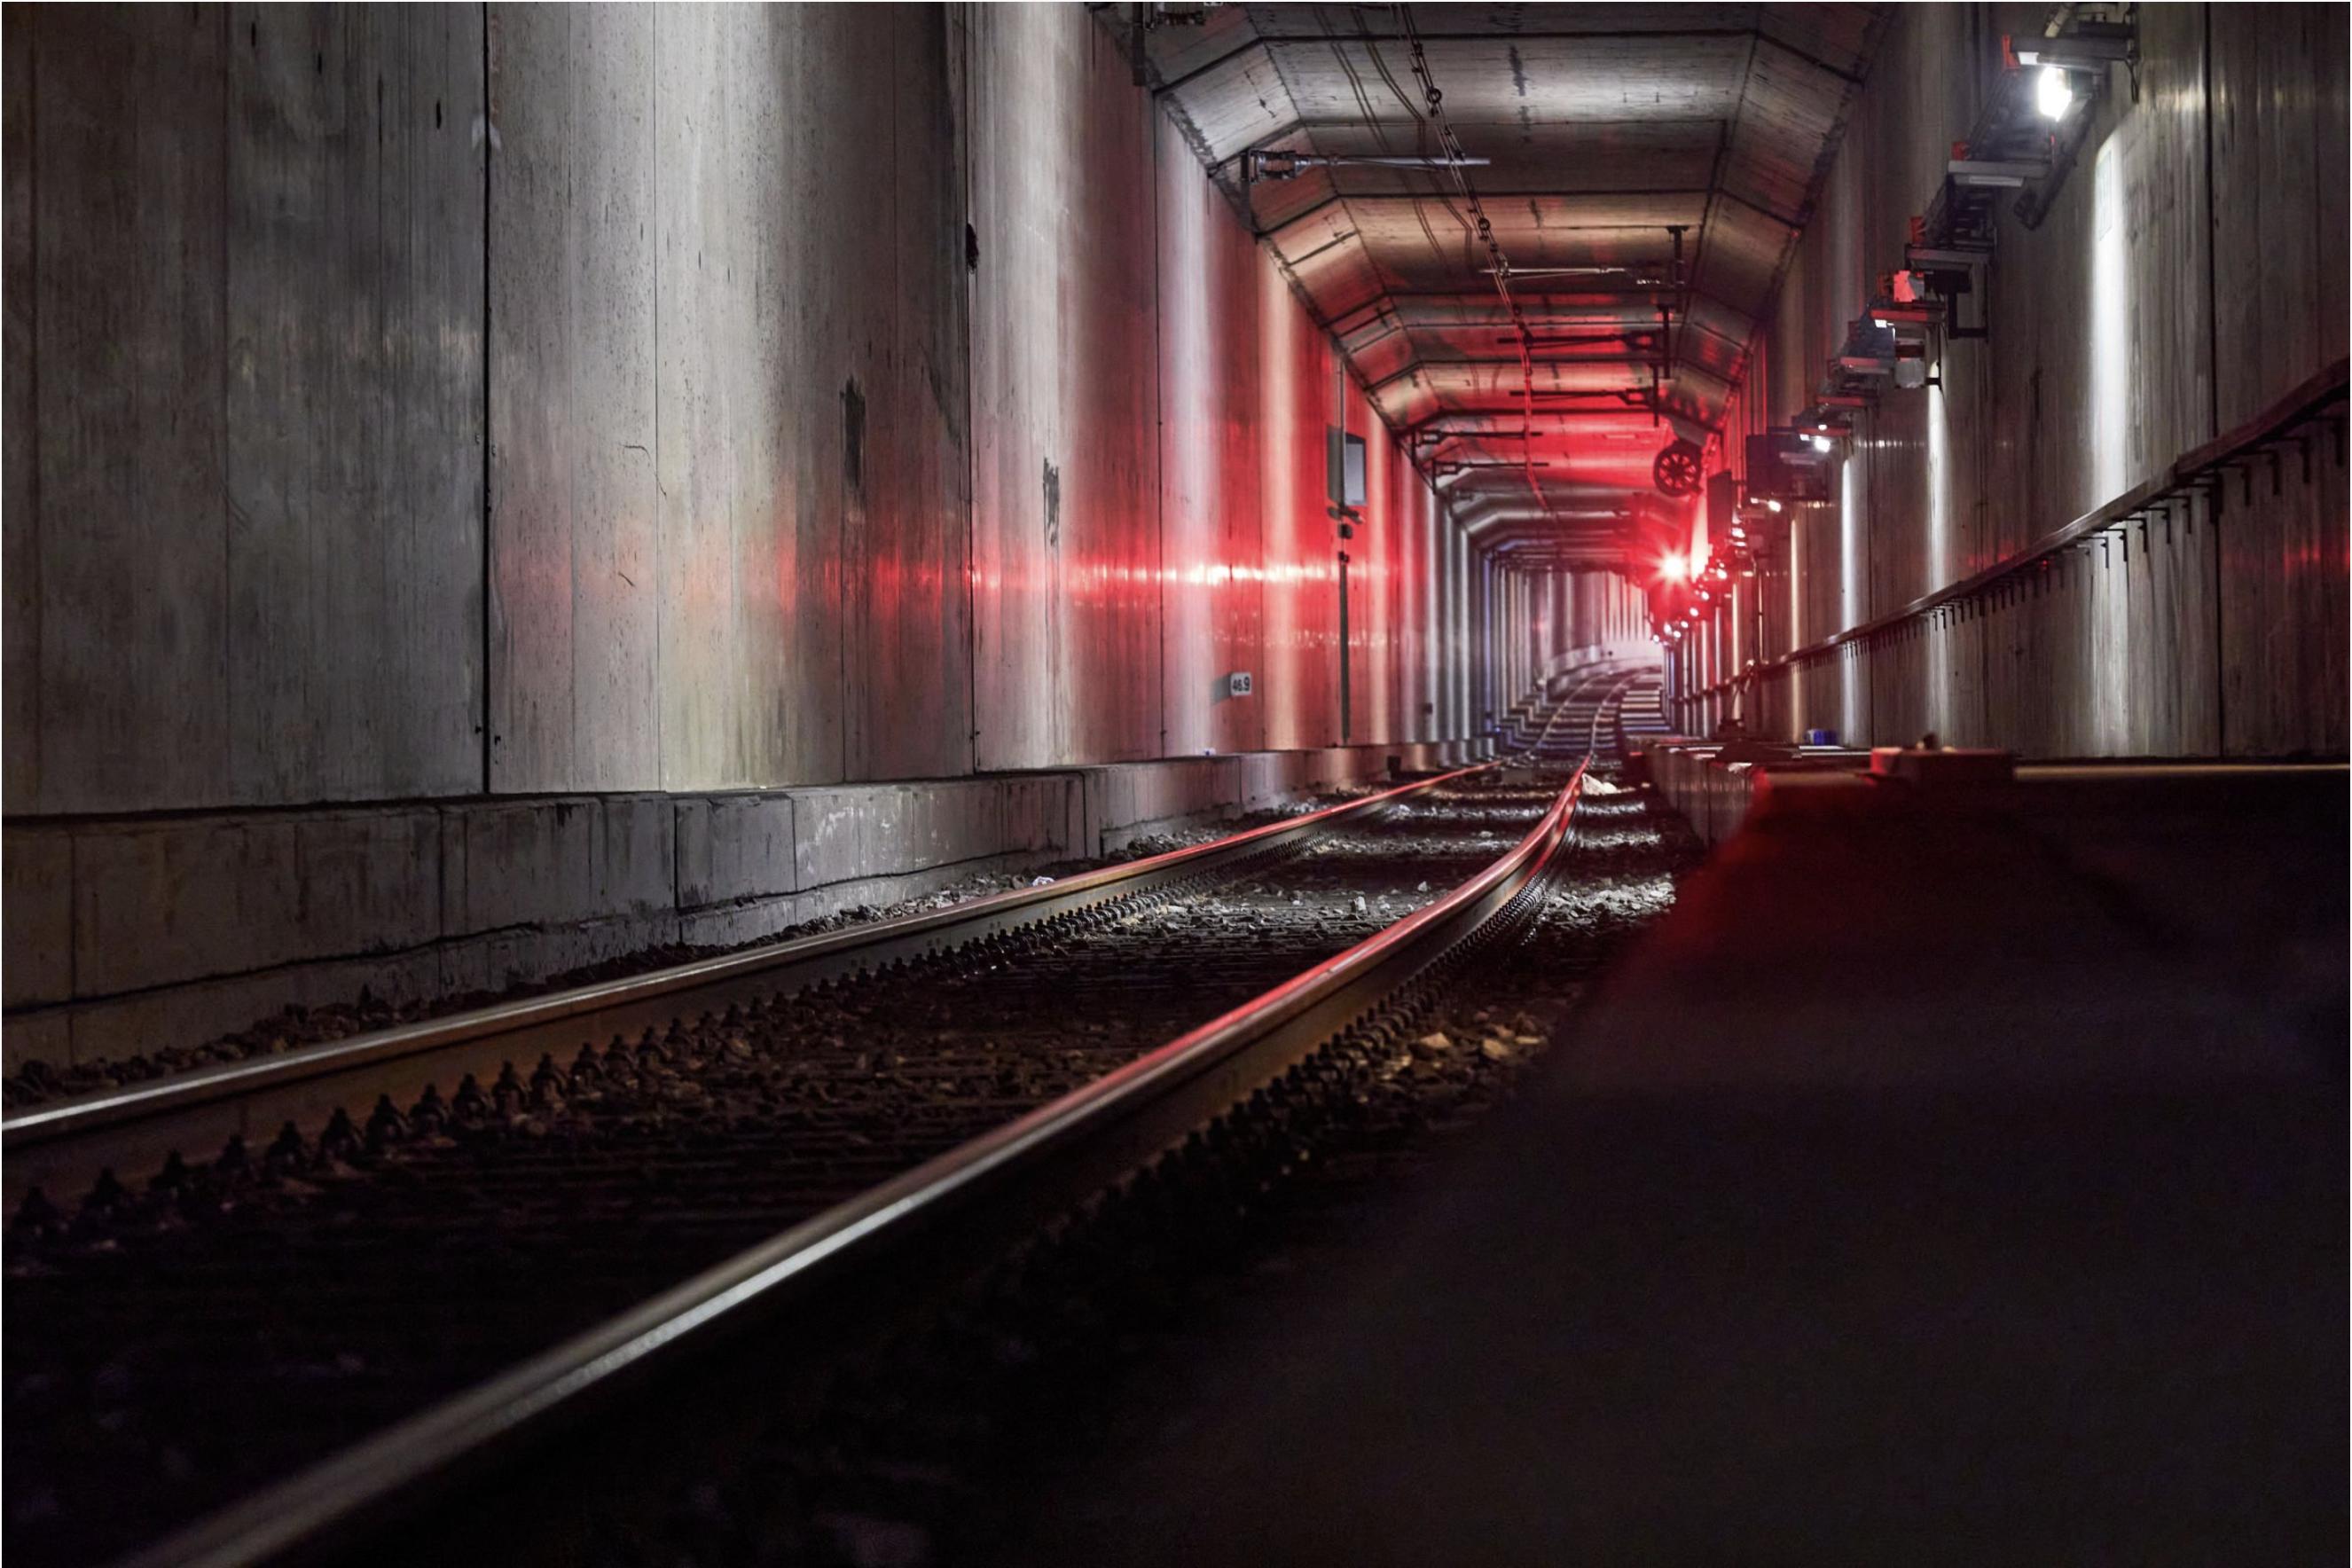 Willemsspoorttunnel